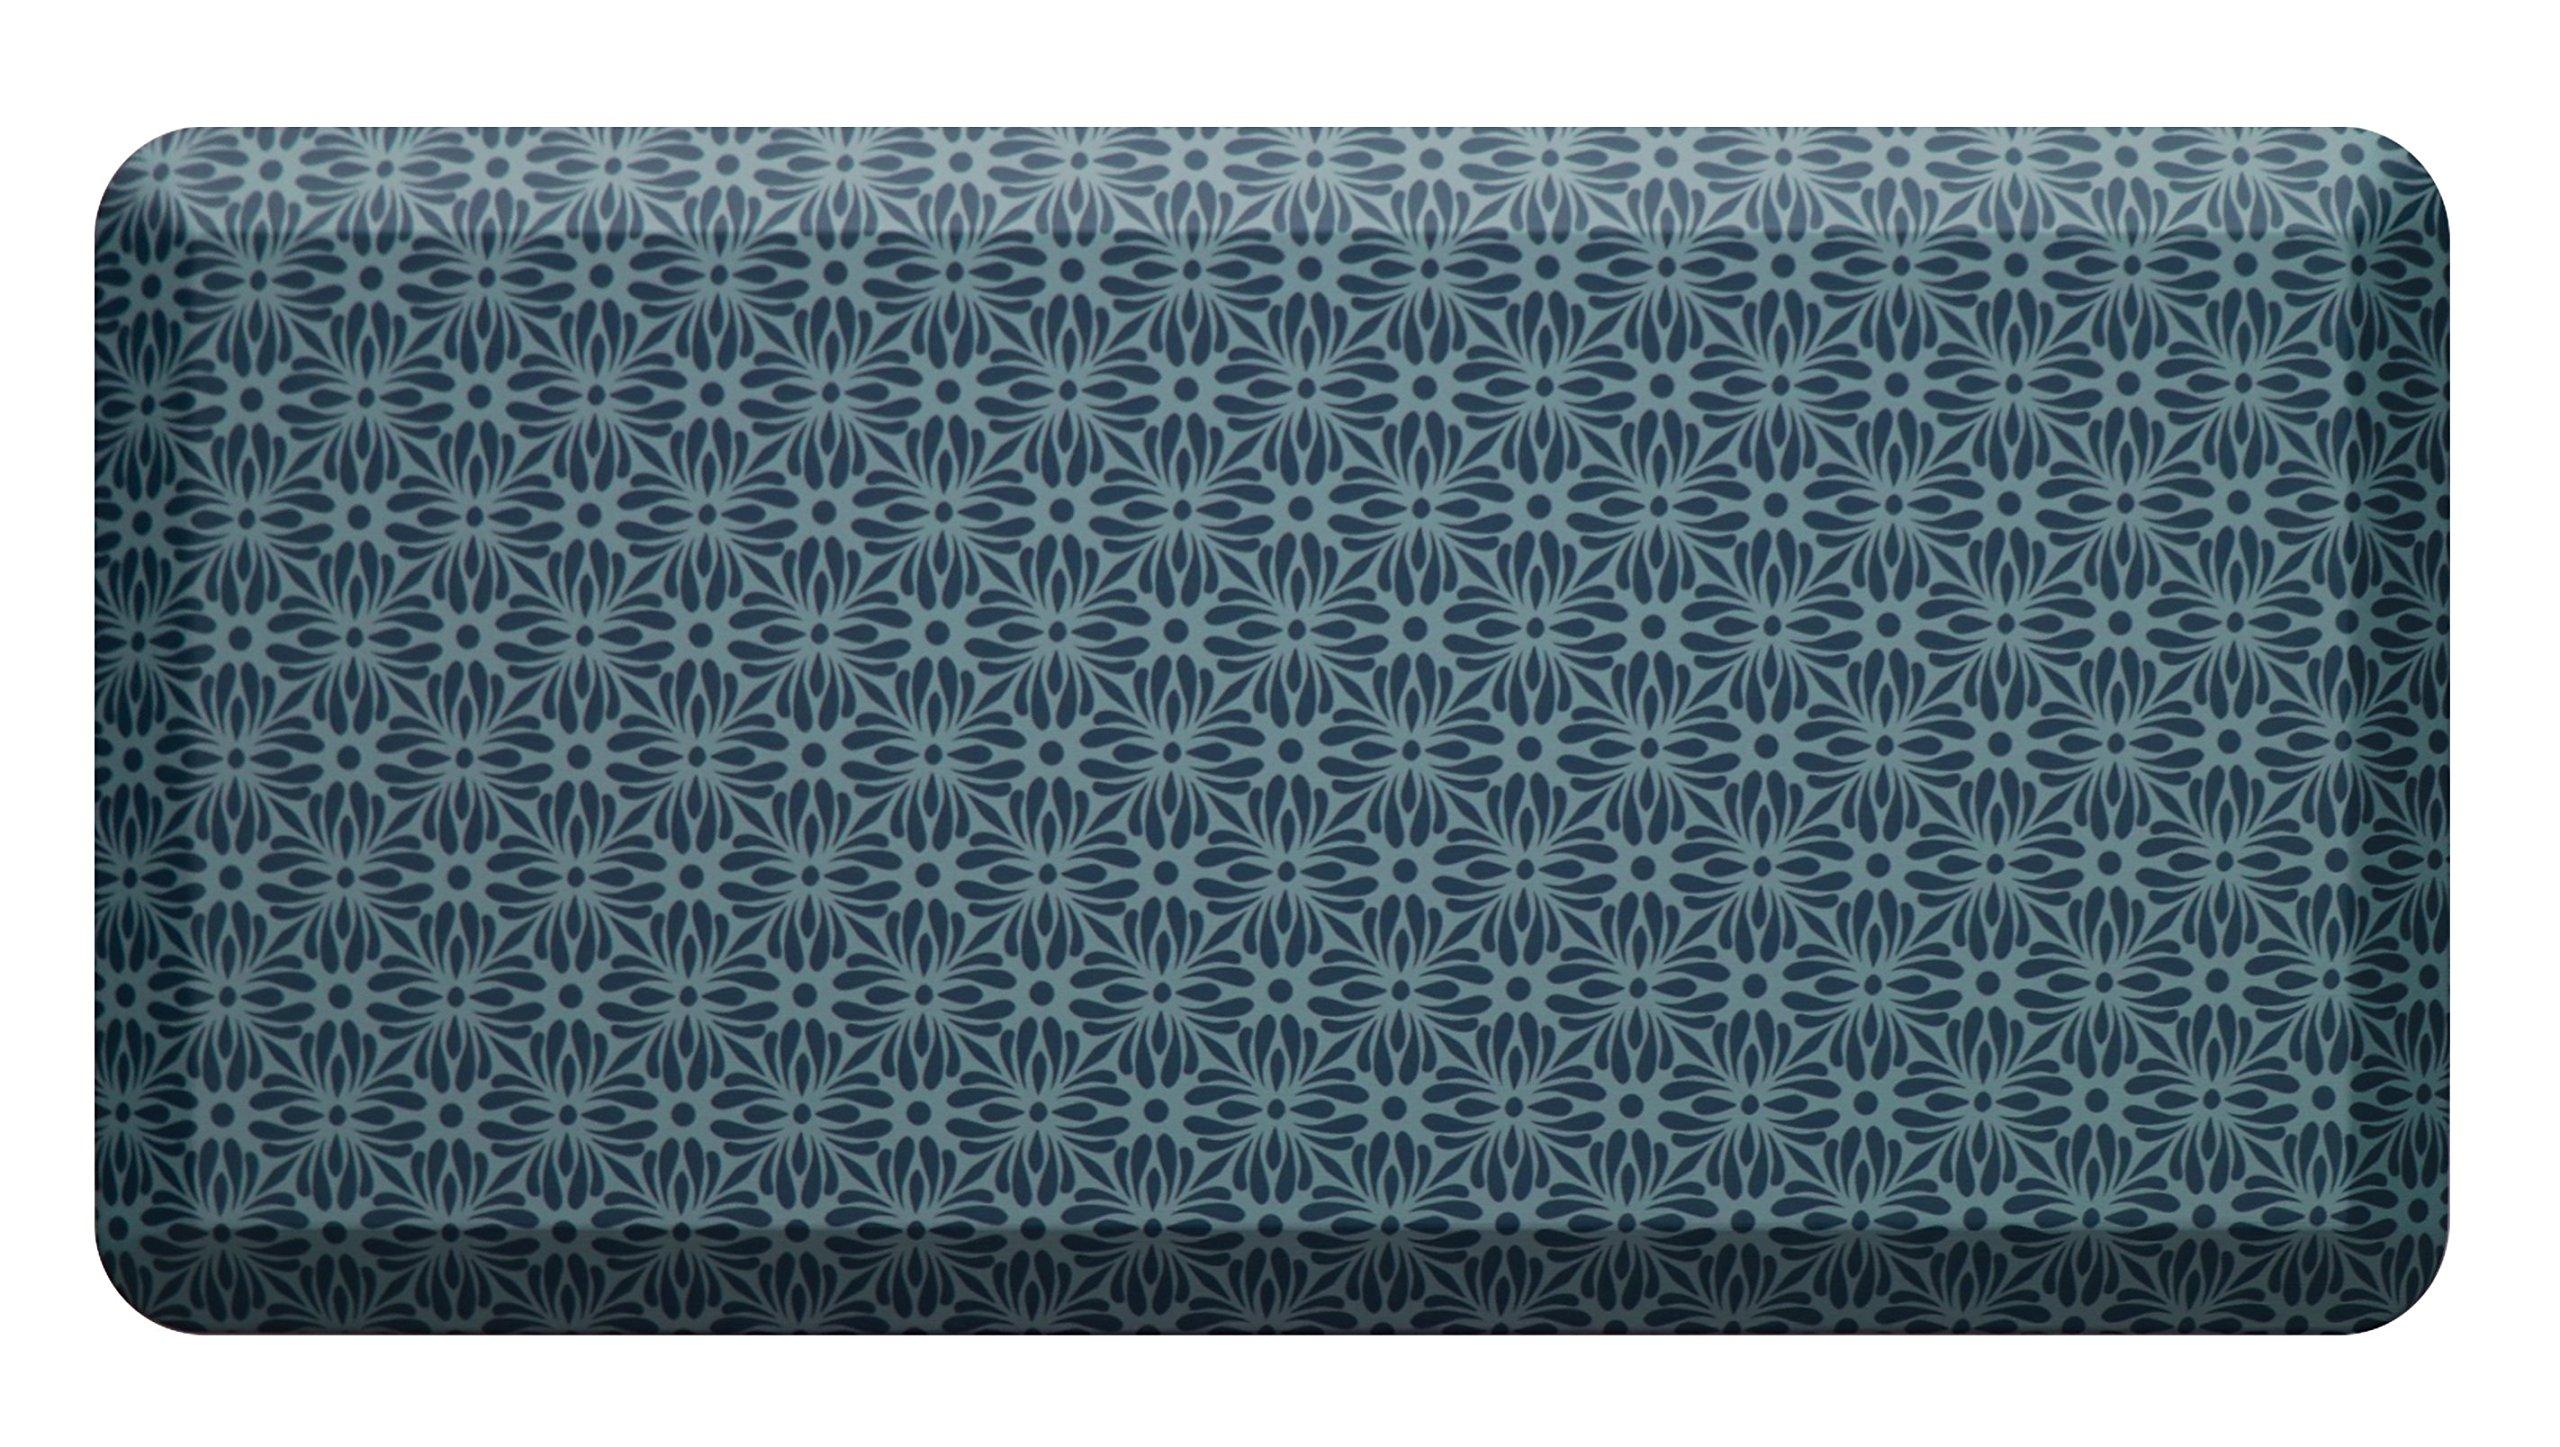 Licloud Anti-fatigue Mat Non-toxic Kitchen Mat Floor Mat Comfort Mat (20x39x3/4-Inch, Flower blue)